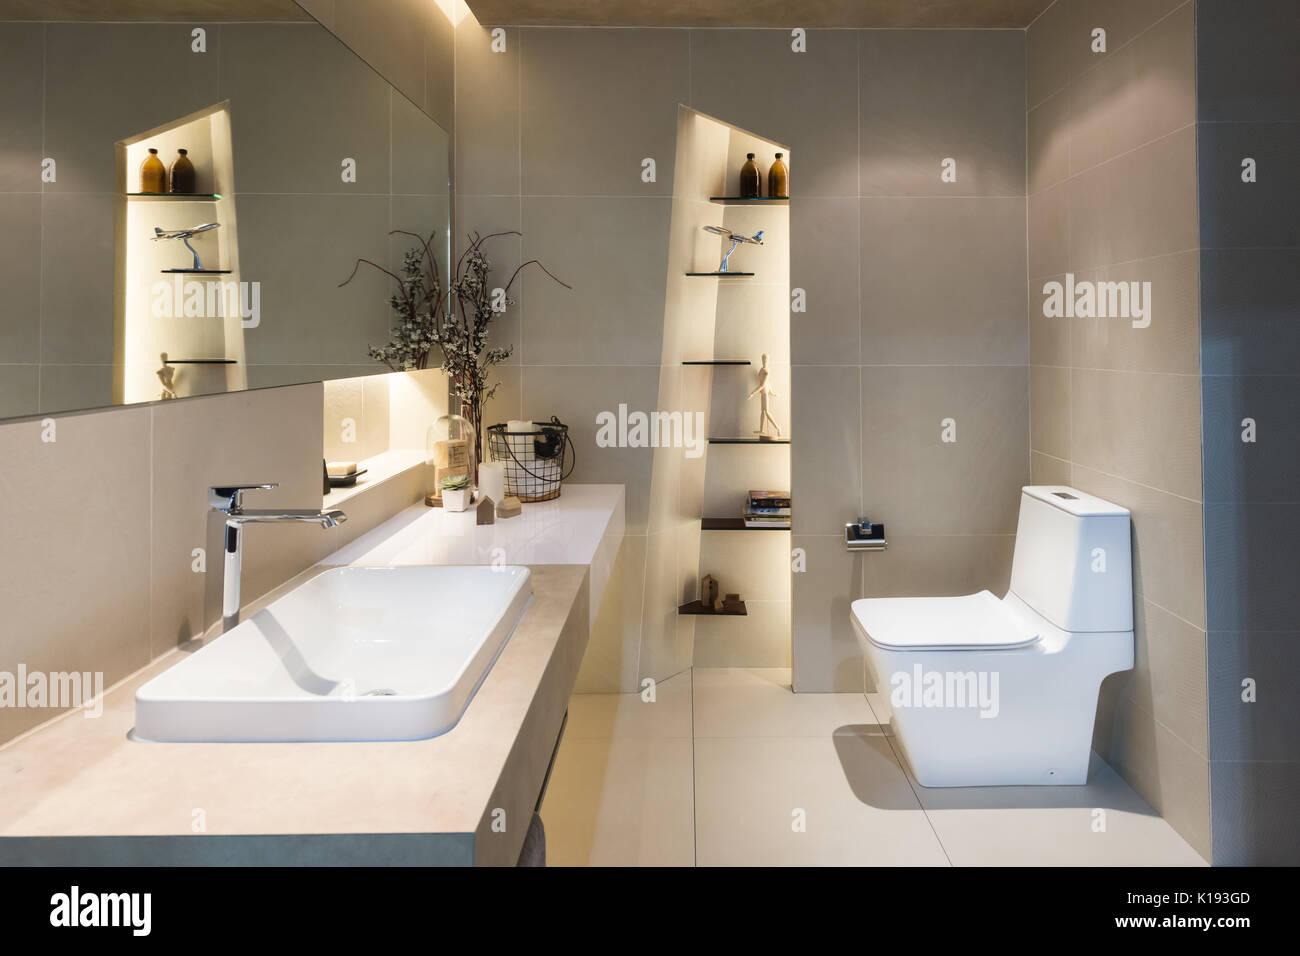 Interni moderni e di letti singoli Bagno con lavandini e servizi igienici a casa. Foto Stock